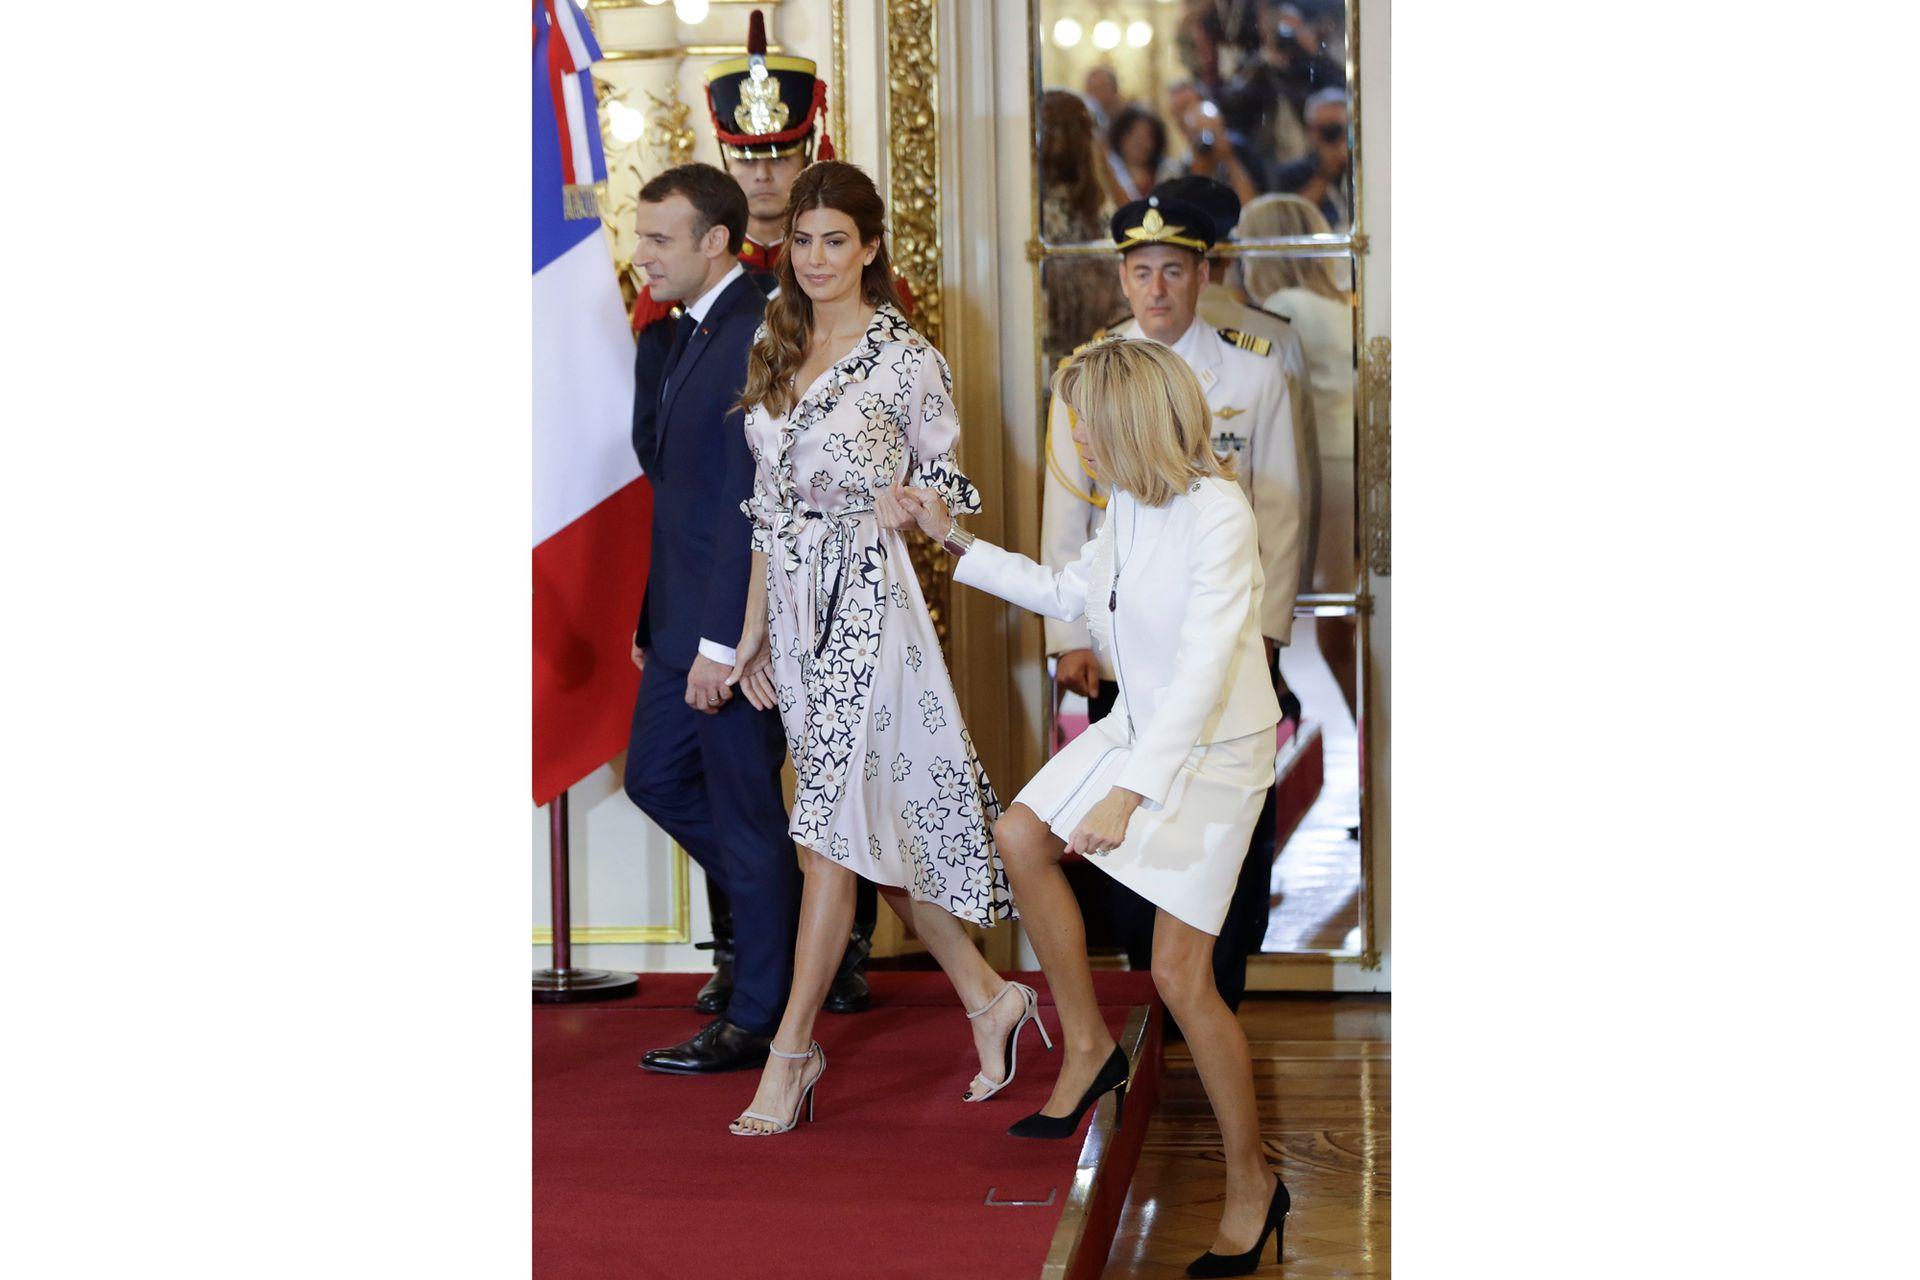 Con Brigitte Macron, durante la cumbre del G20 en Buenos Aires a fines de 2018, llevó un vestido de Evangelina Bomparola (un modelo camisero en seda estampada con flores y ruedo irregular).